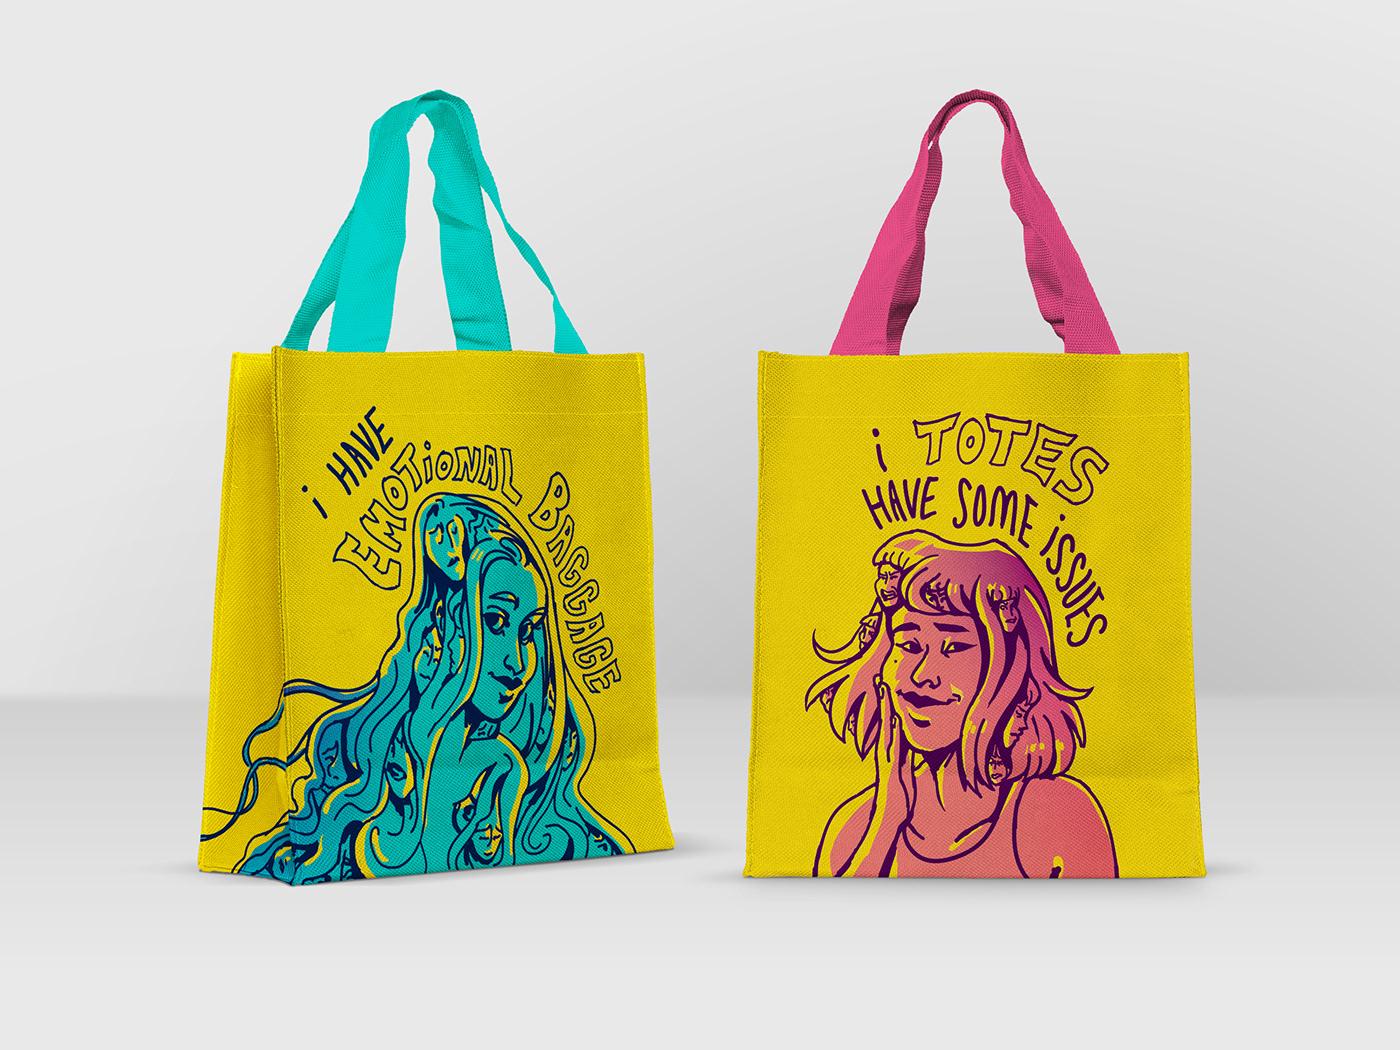 artwork bag baggage design Digital Art  ILLUSTRATION  puns